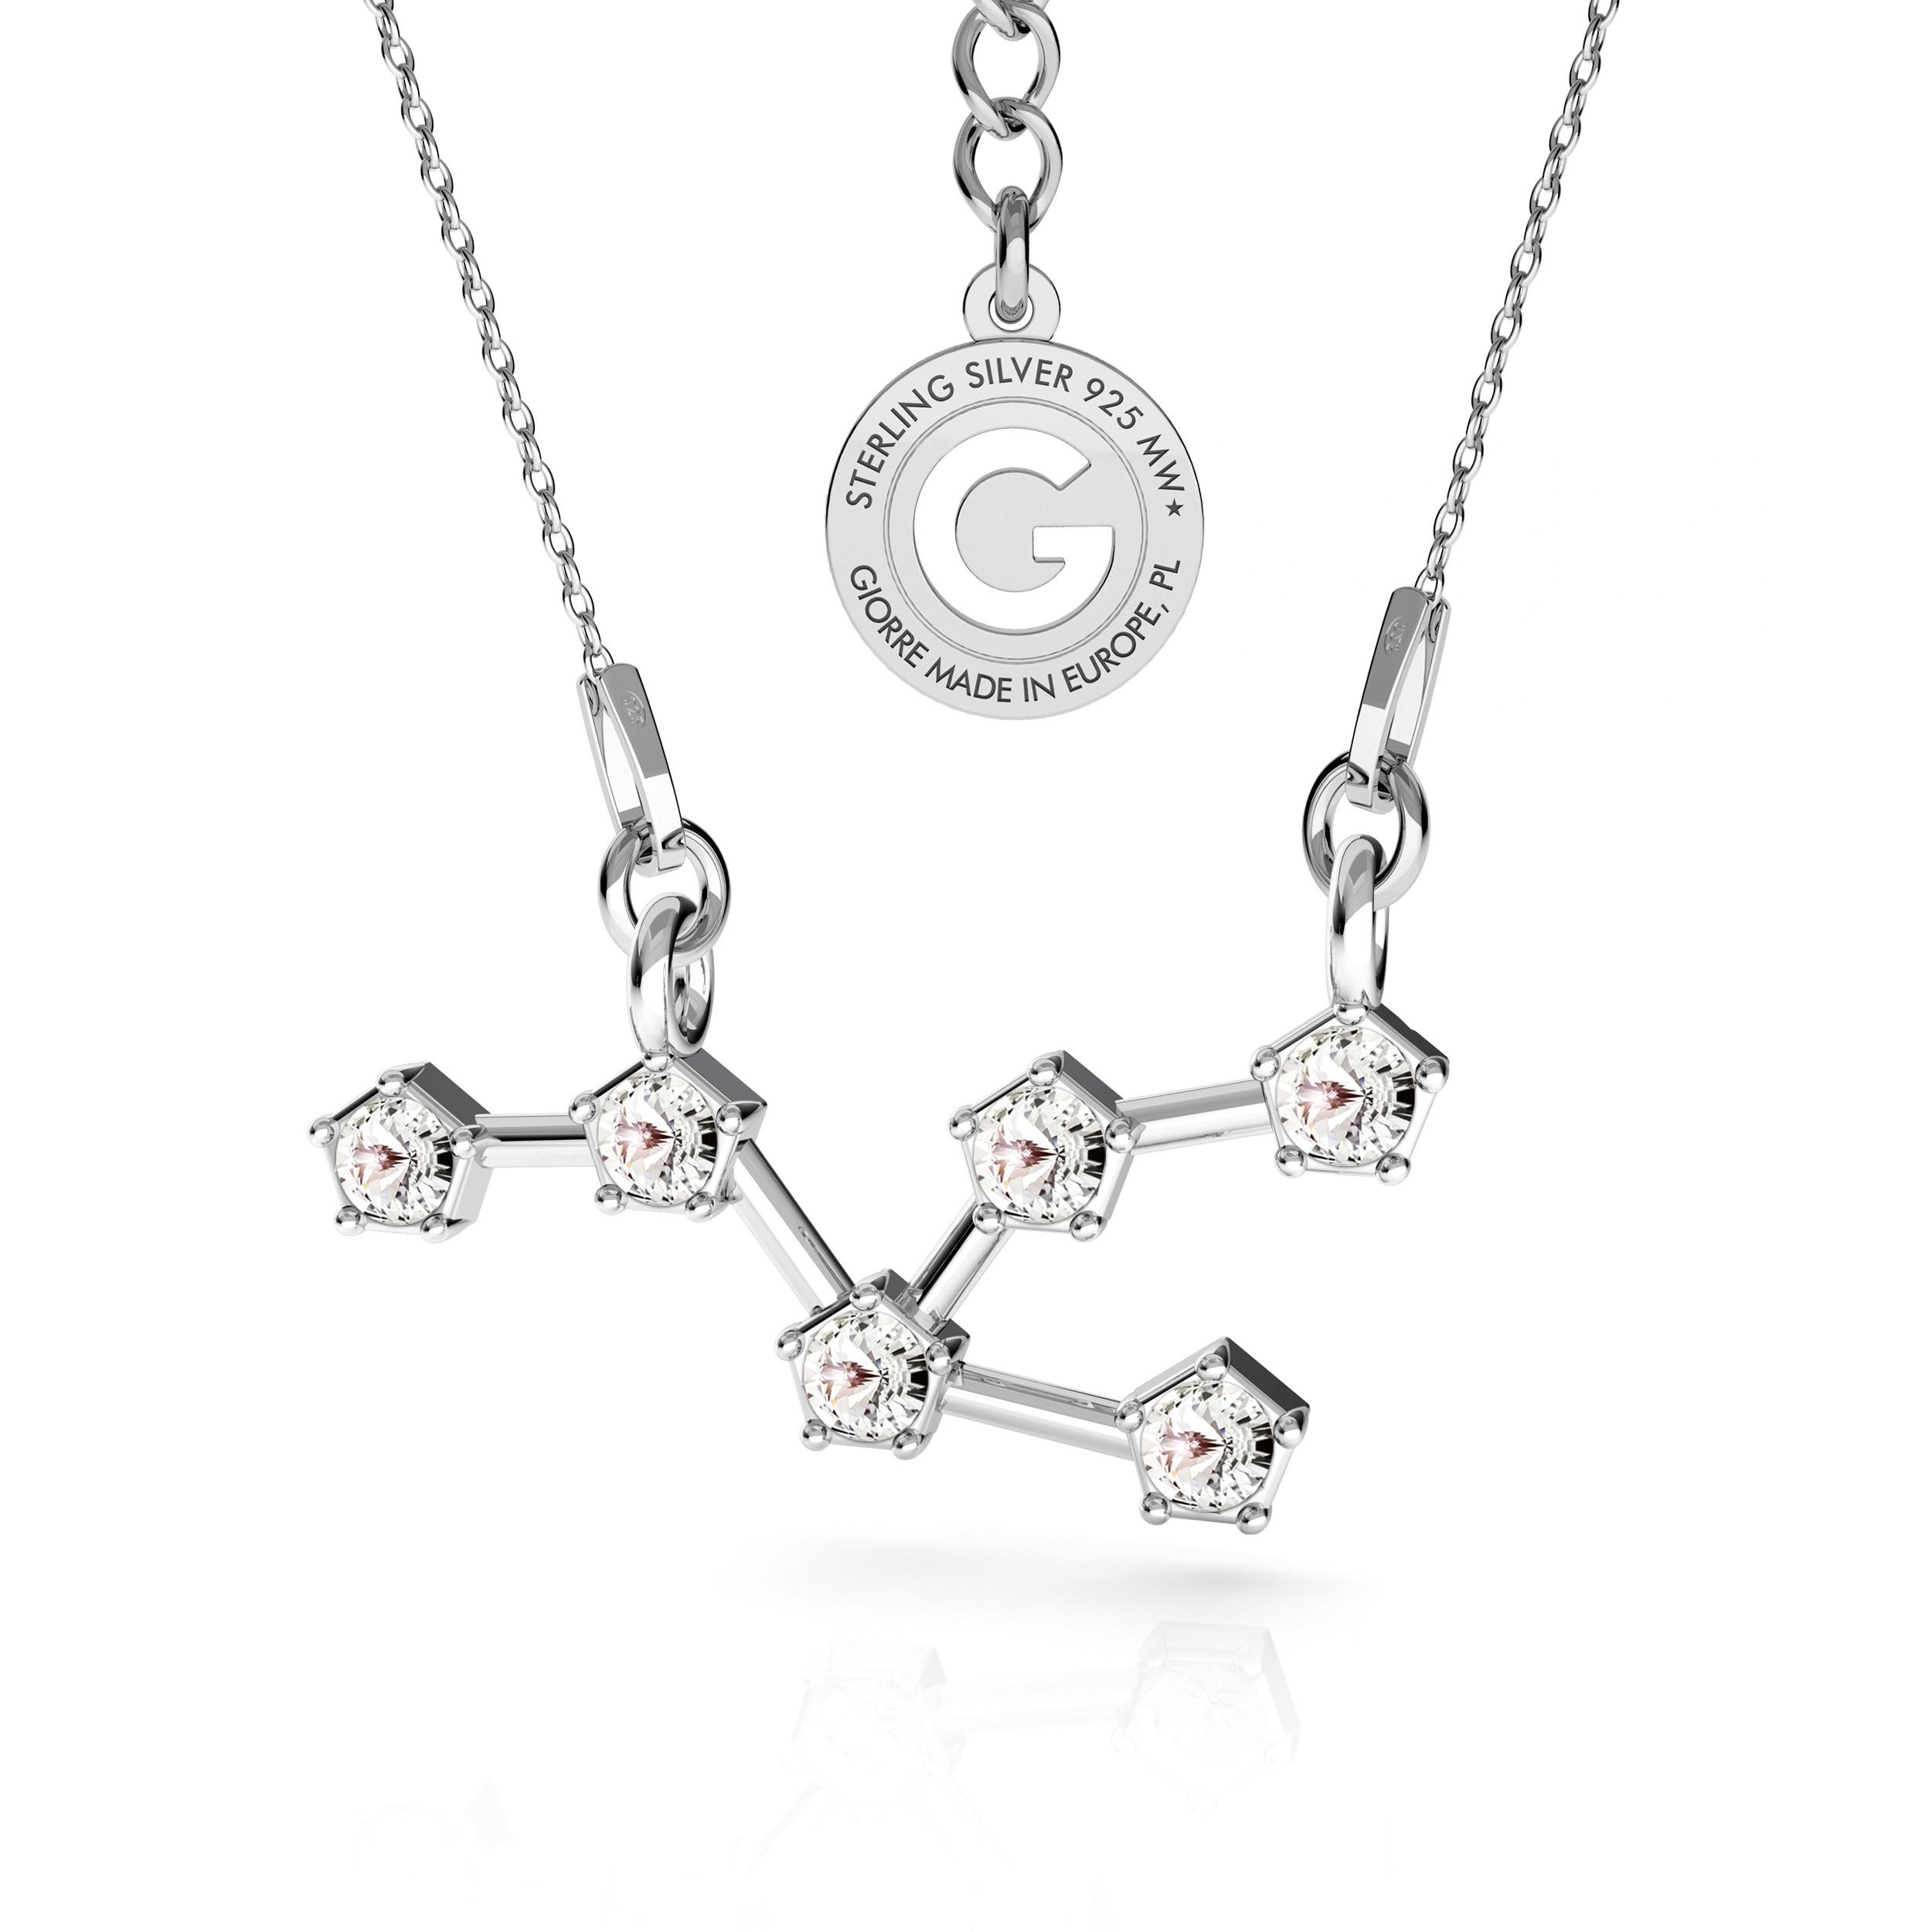 BYK srebrny naszyjnik zodiak z kryształami Swarovskiego 925